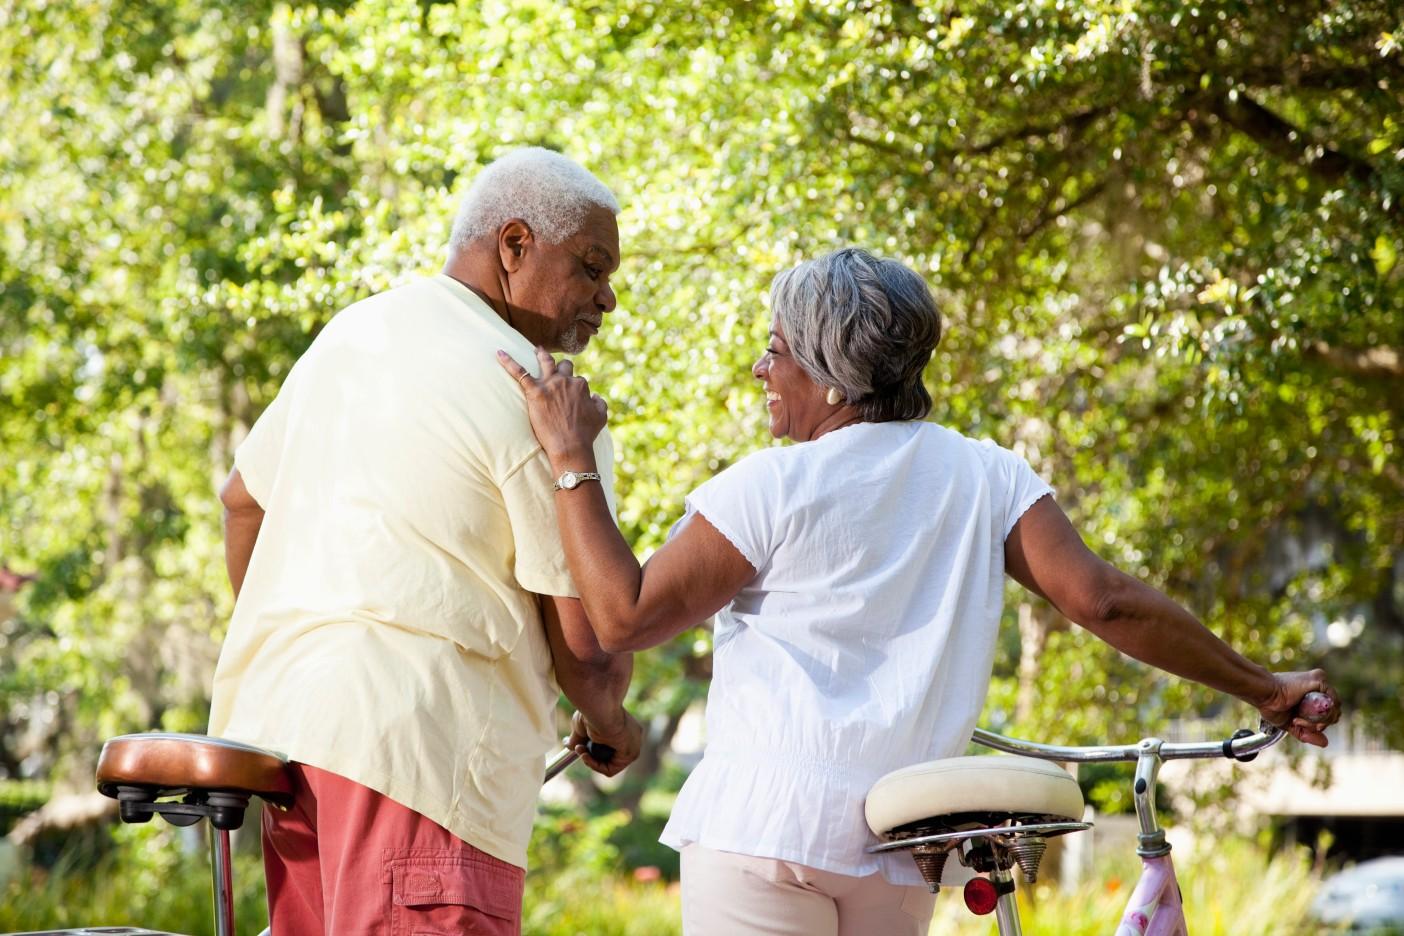 magas vérnyomás különböző korokban